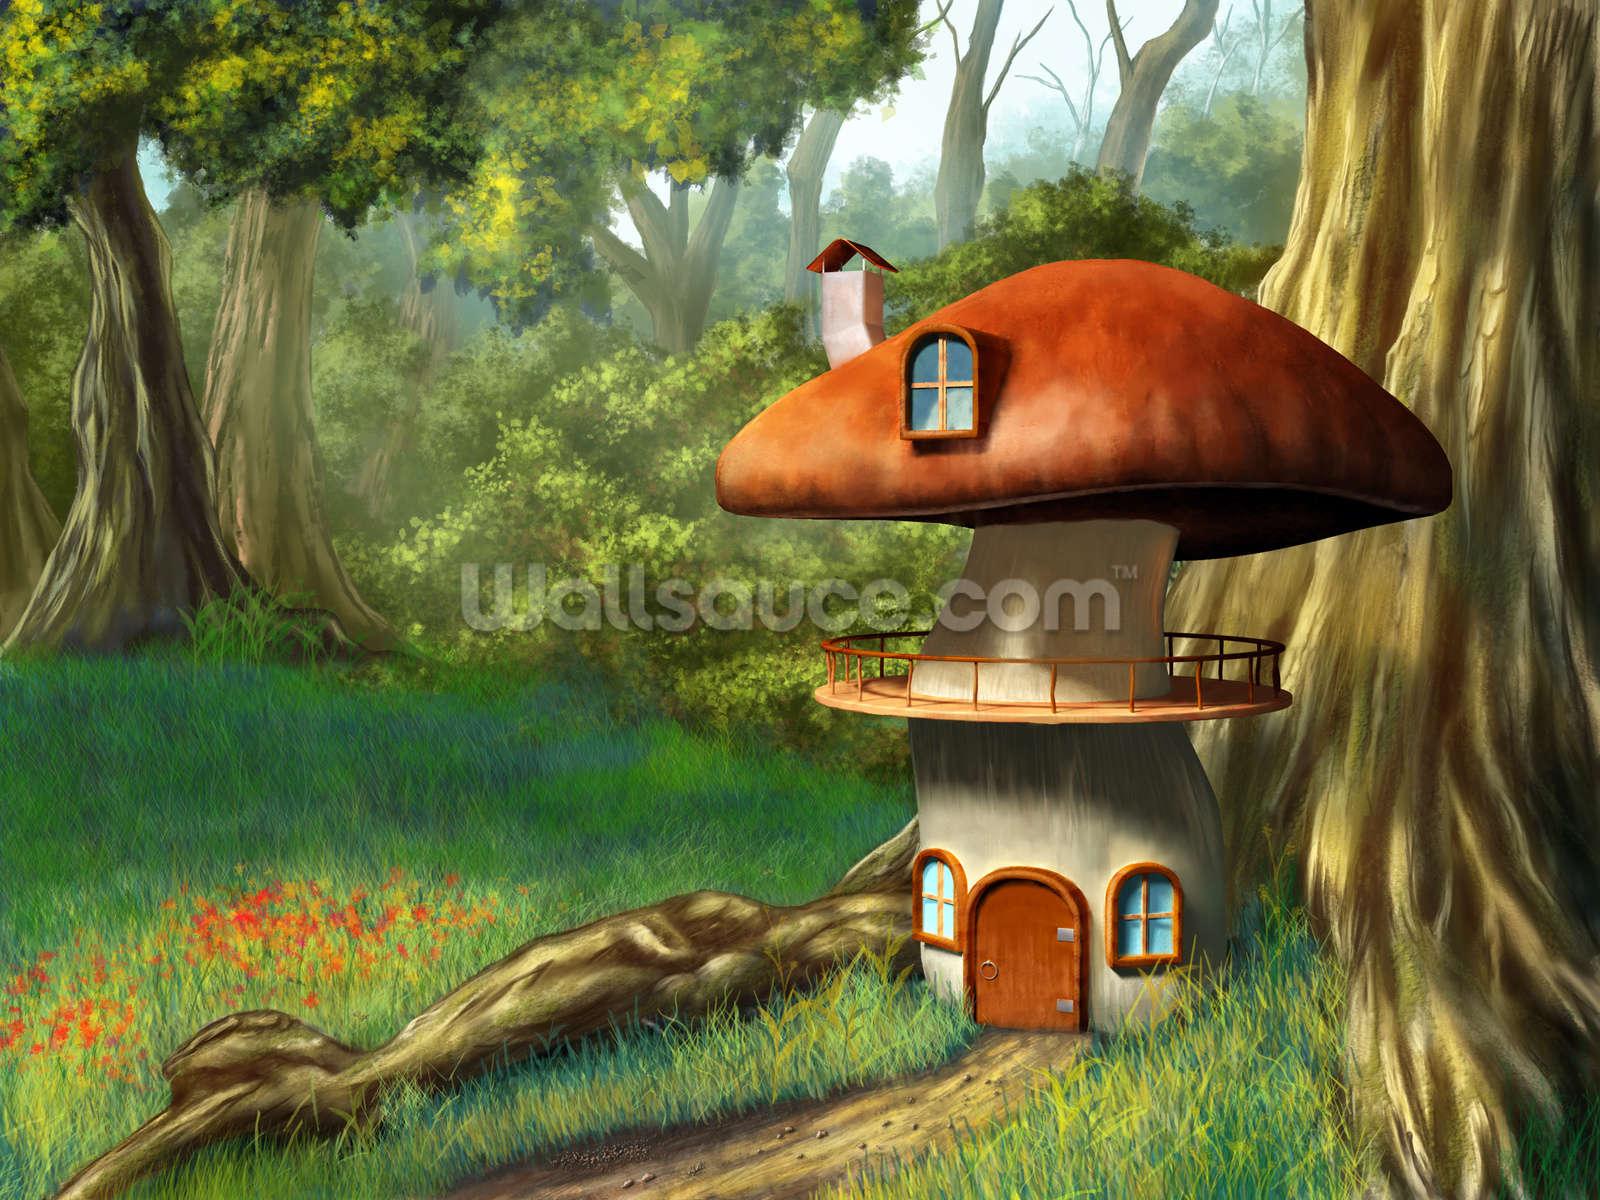 Mushroom House Wallpaper Wall Mural Wallsauce Uk